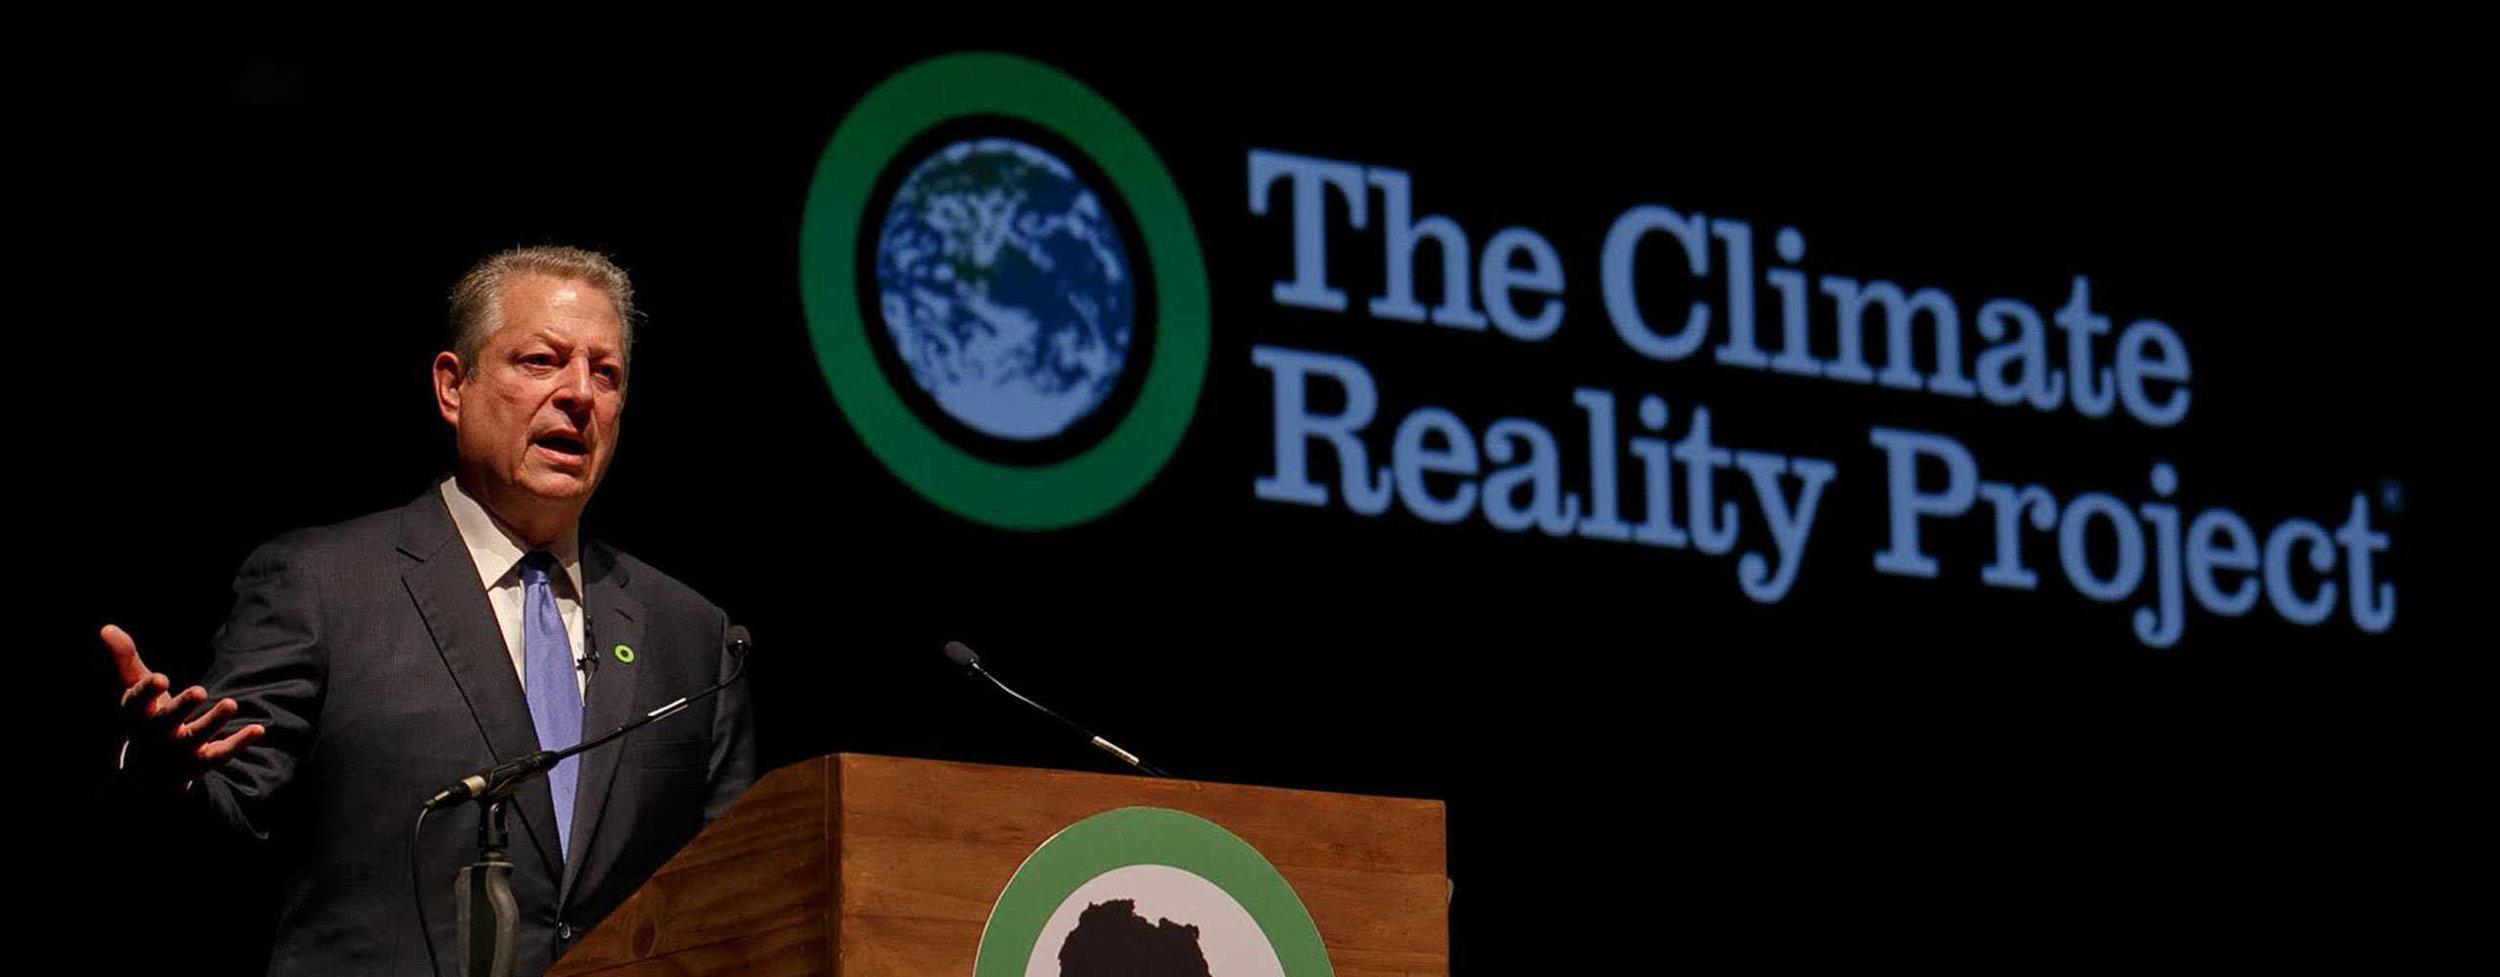 Al Gore speaking